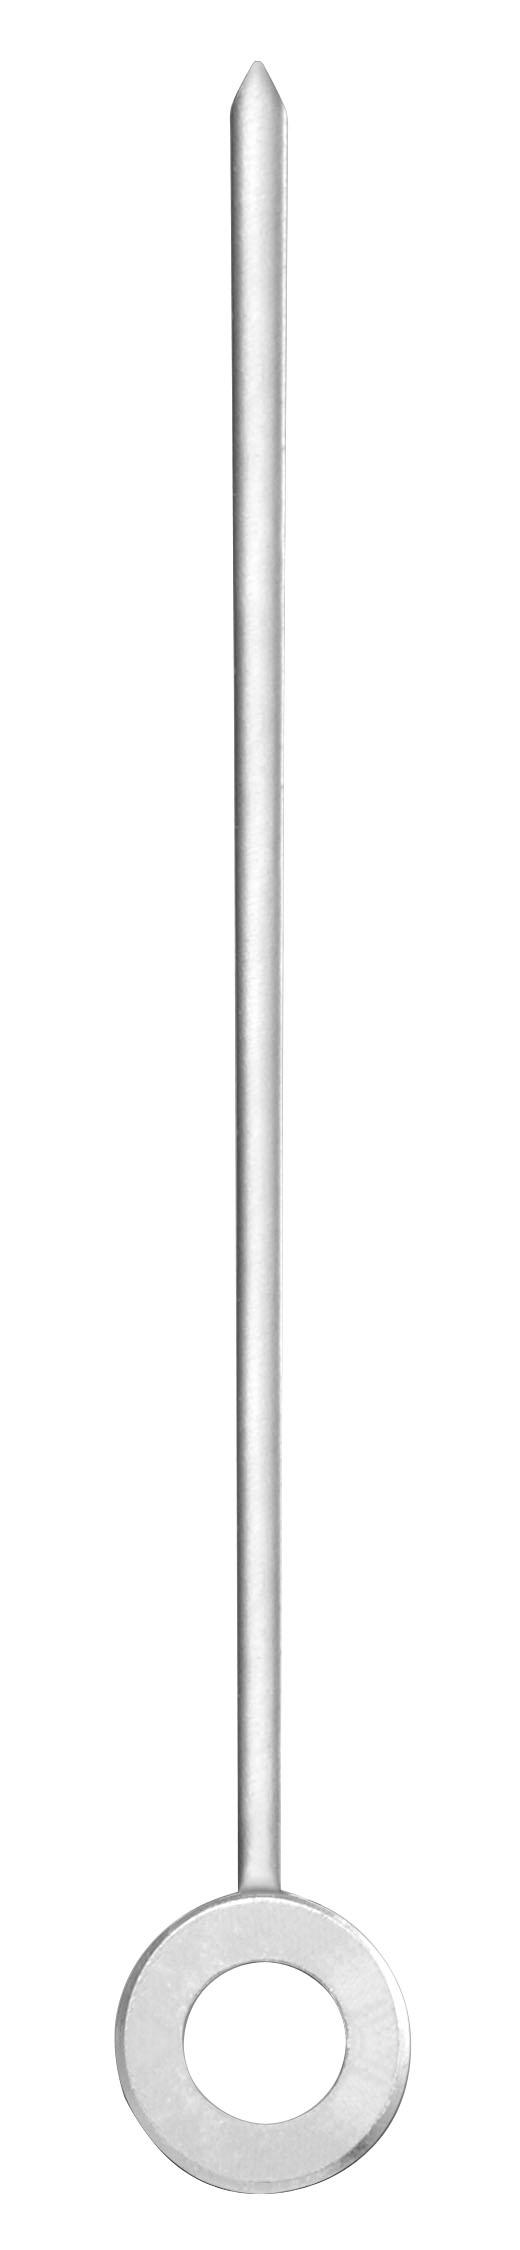 Minutenzeiger Faden Nickel, Loch Ø 1,3 Länge 14,0 mm